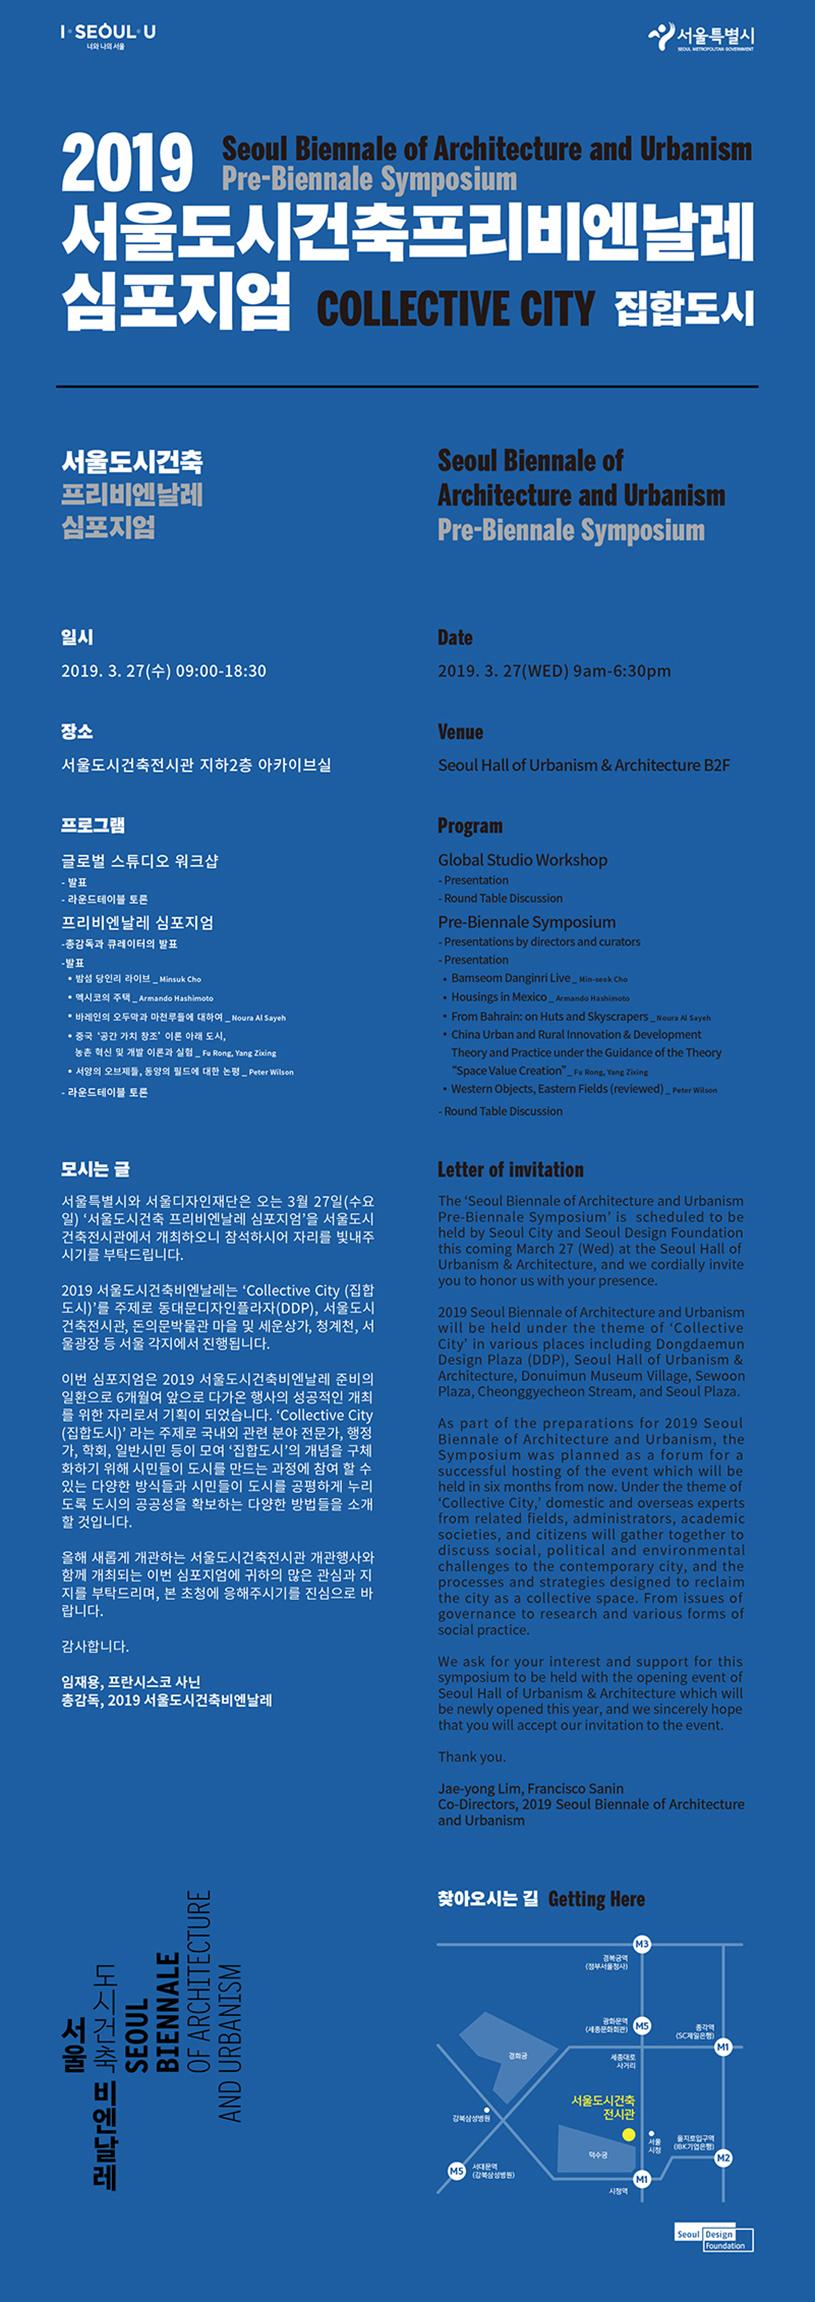 2019_SBAU_서울_심포지엄_초청장_세로형_v1_m3